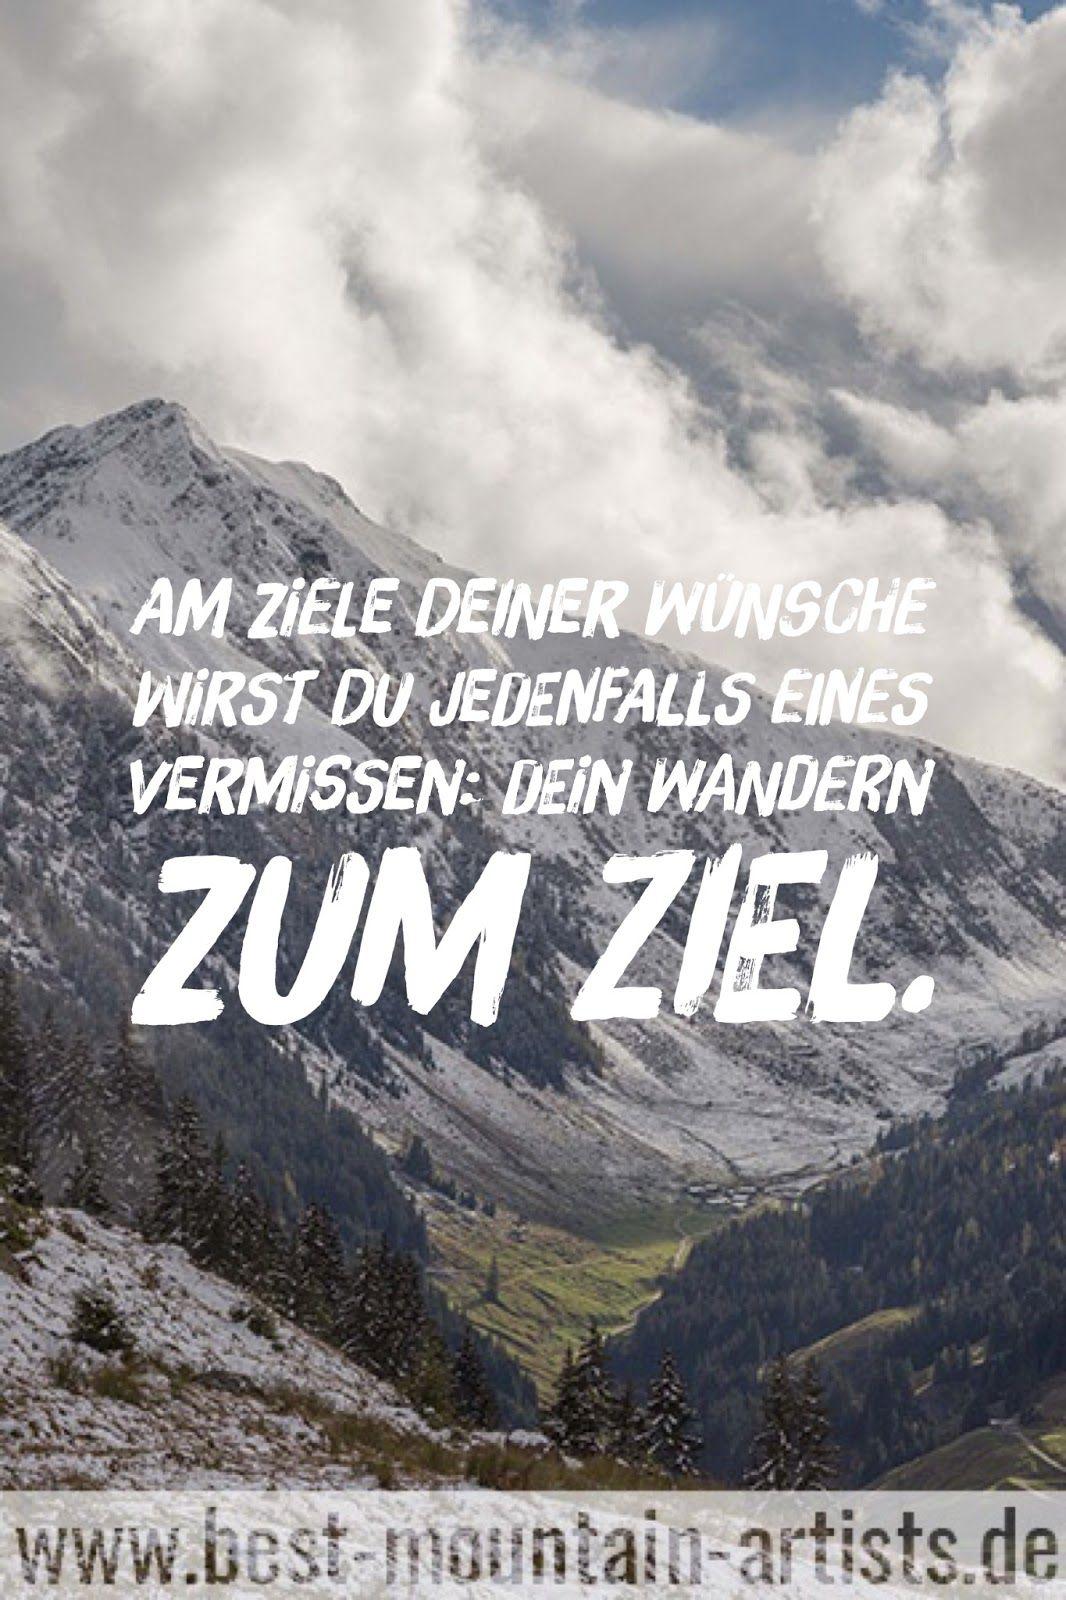 Die 100 Besten Wanderzitate Zitat Wand Gute Reise Wunsche